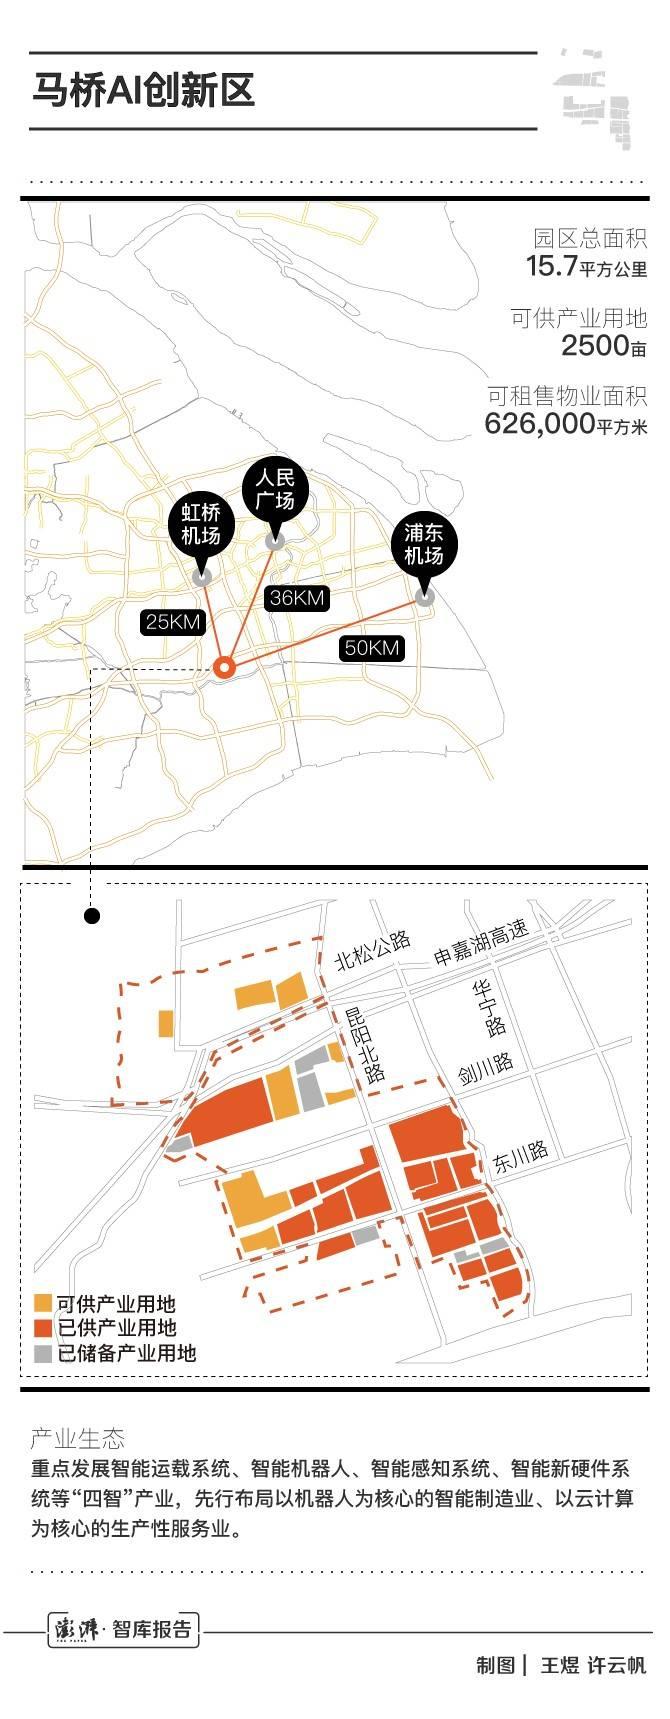 """26特色园区跟踪调研 马桥AI不能急的""""试"""